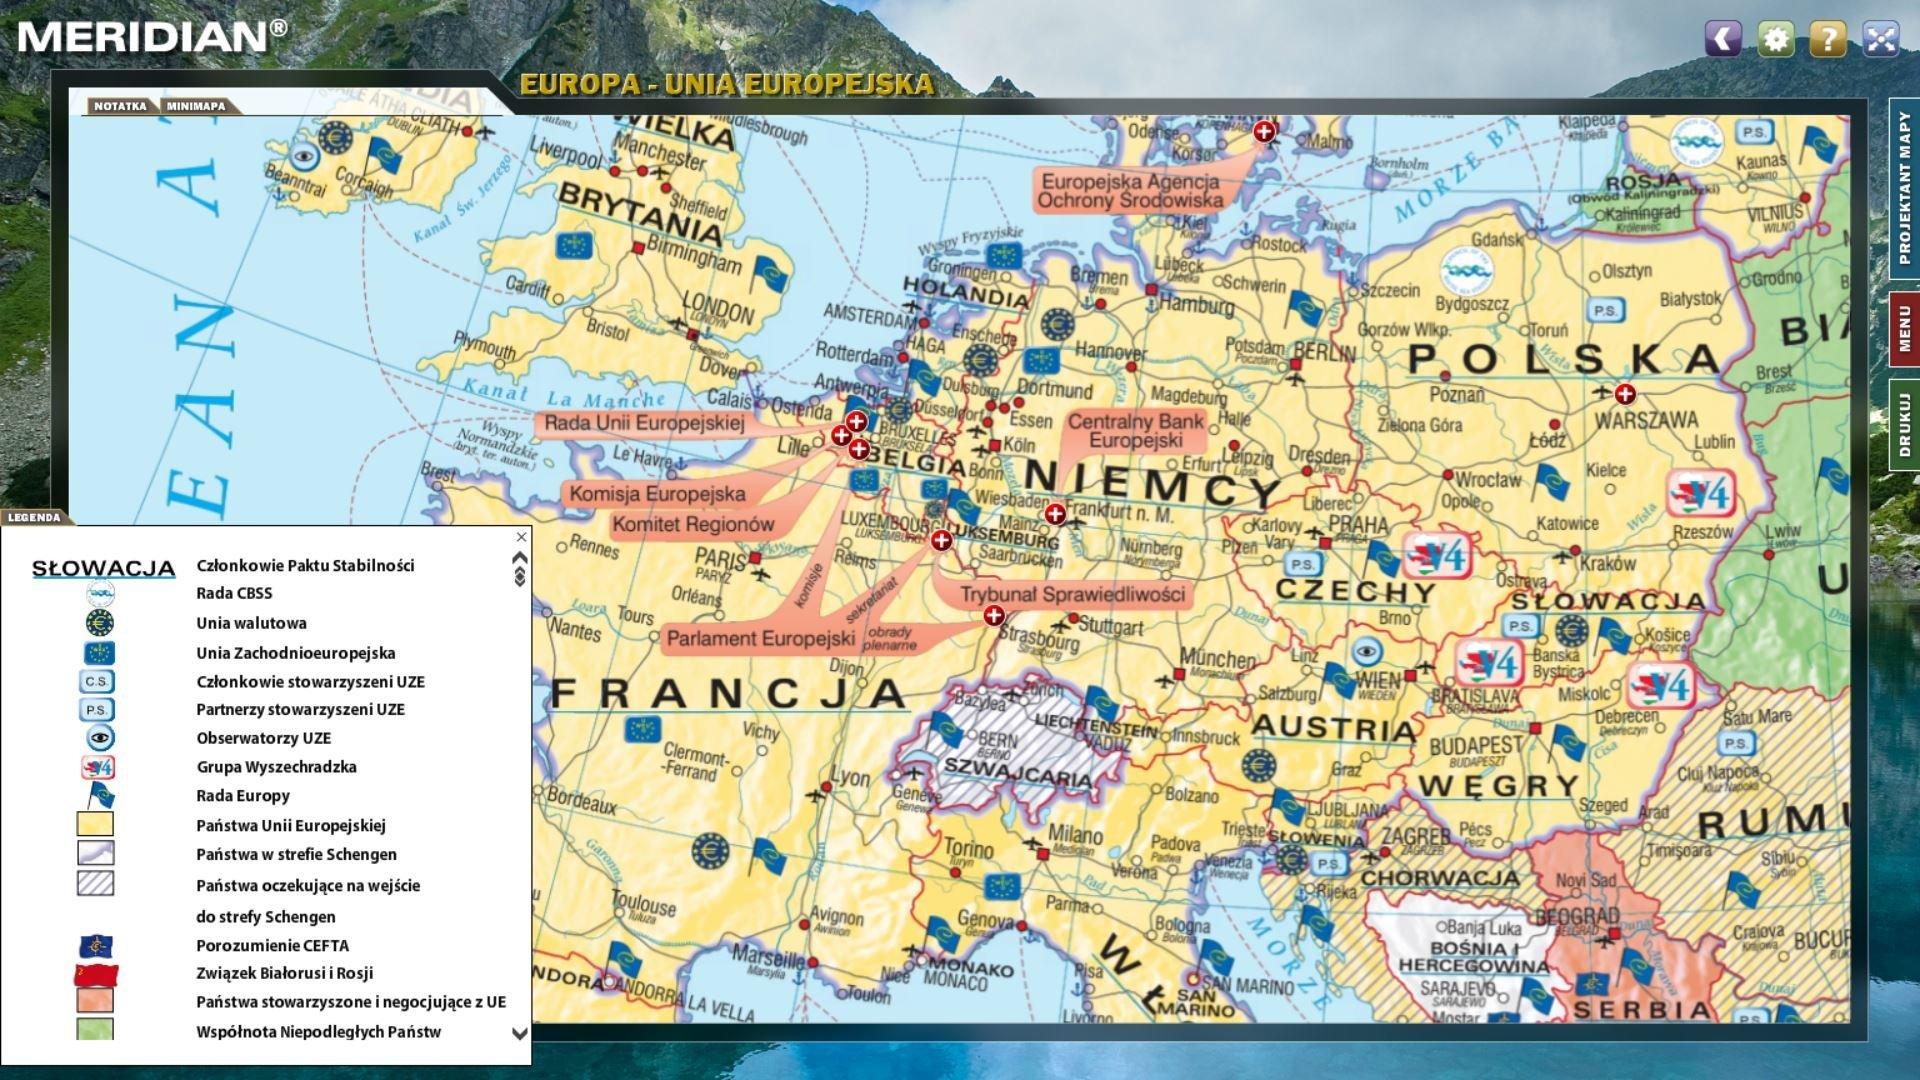 Atlas Geograficzny Dla Kontynentu Europejskiego Windatlas Pl